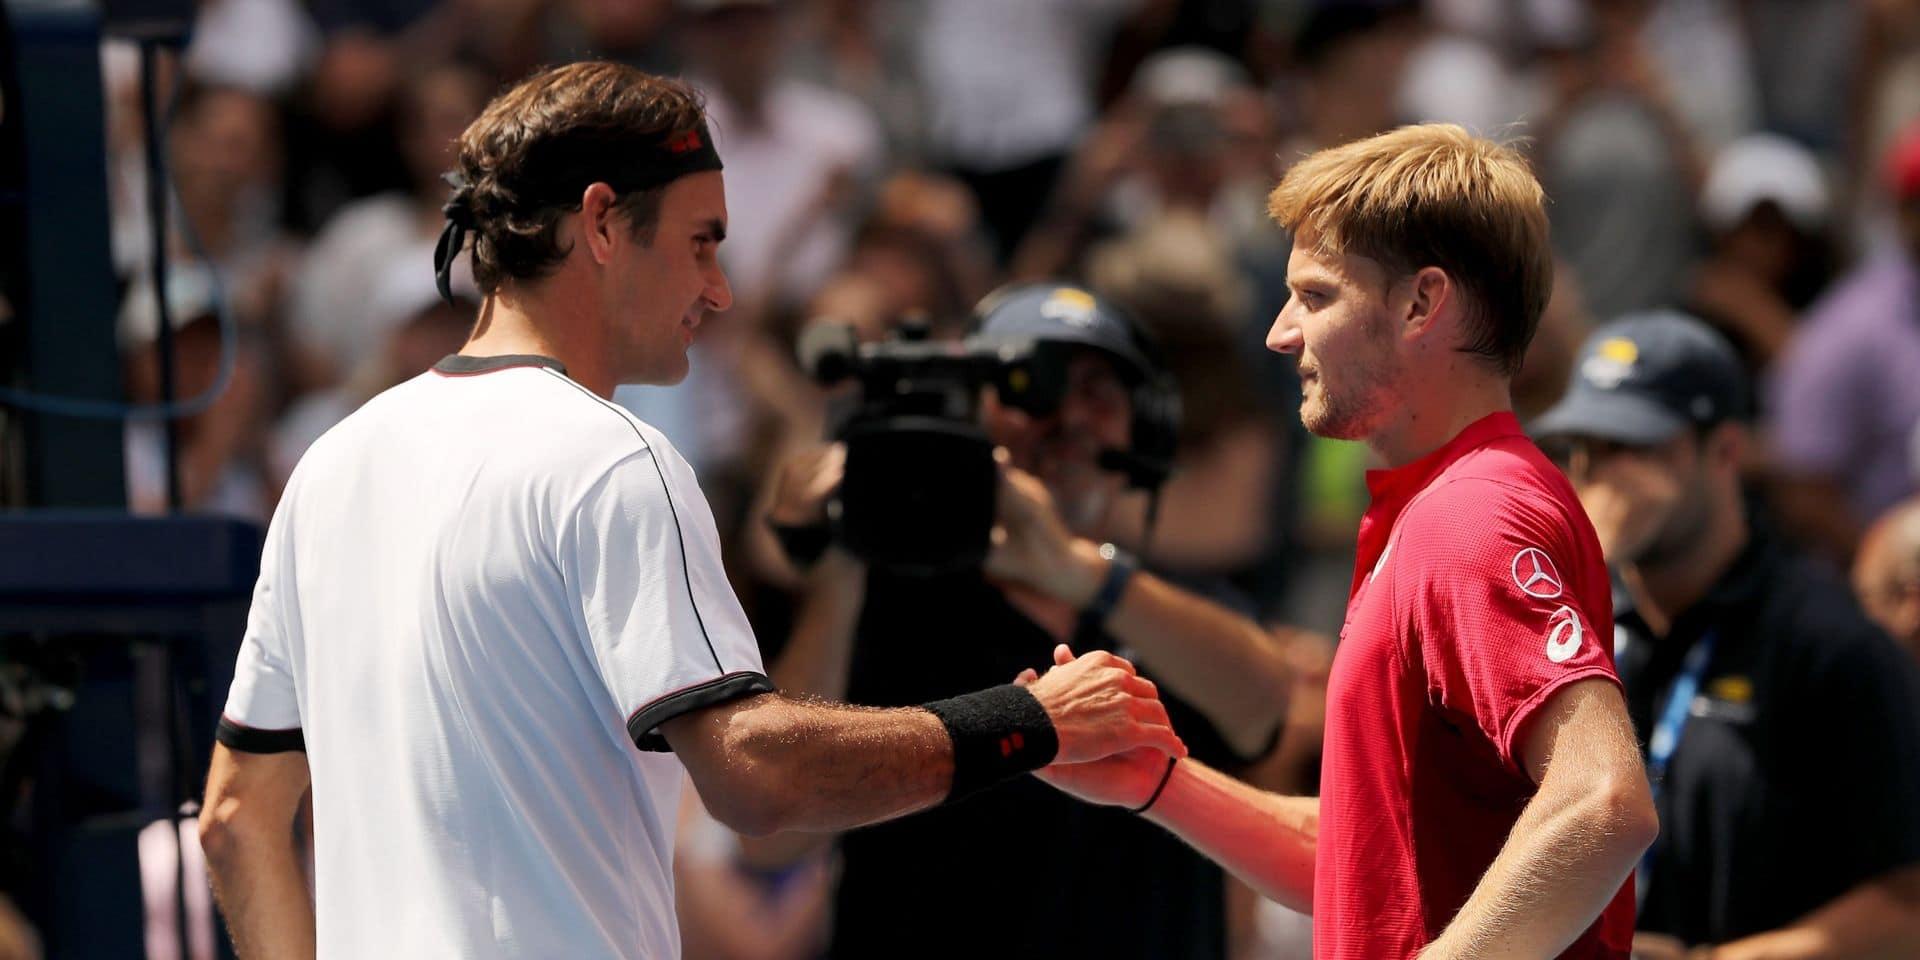 Après avoir dominé, Goffin a craqué face à Federer à Shanghai (6-7, 4-6)